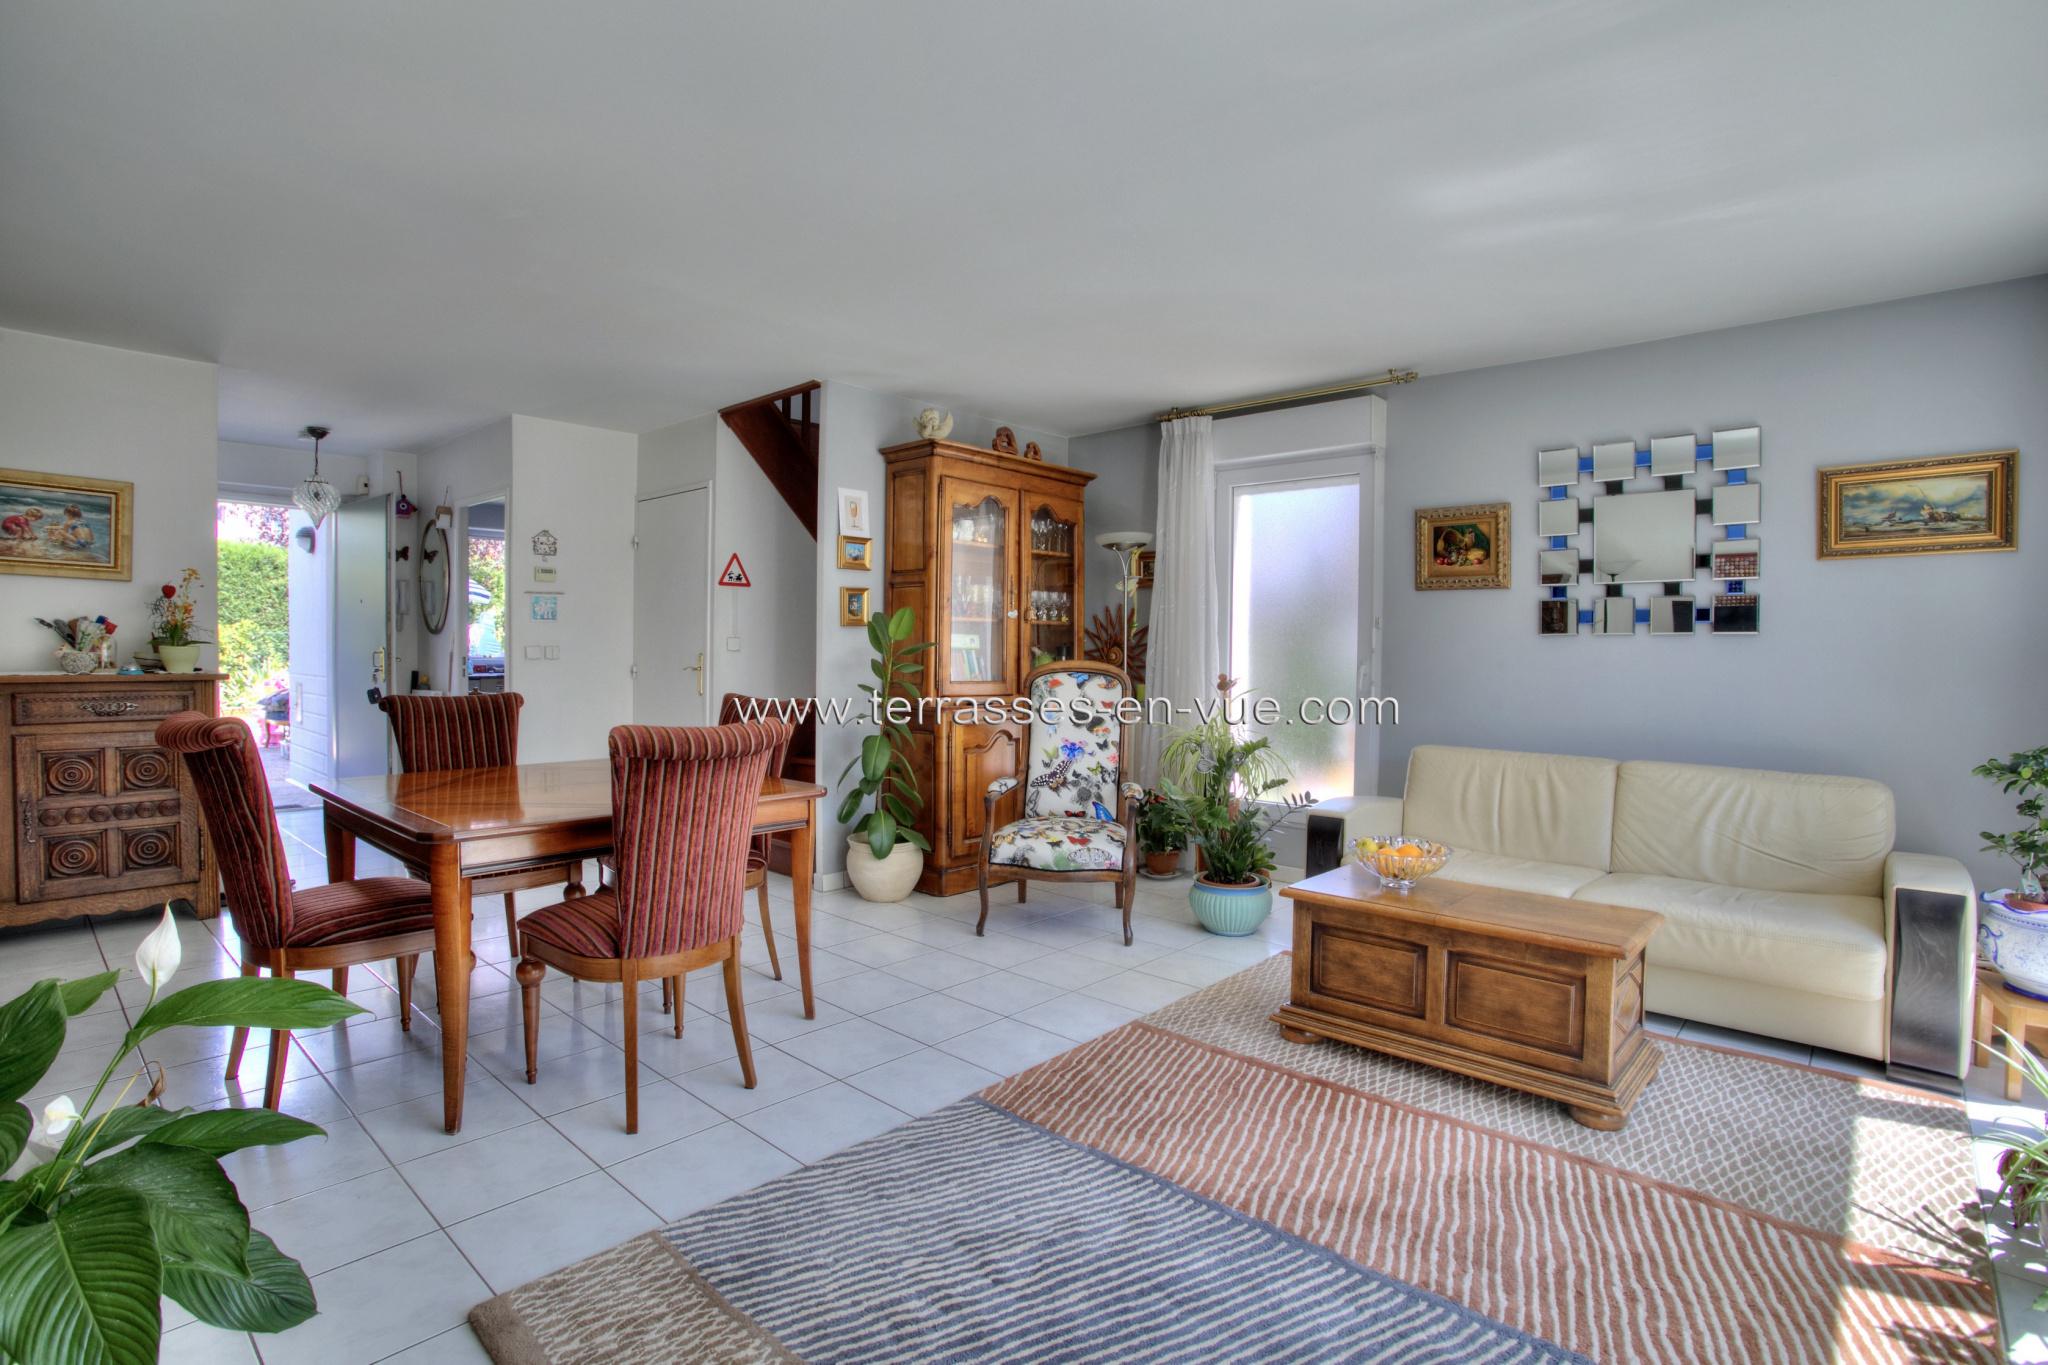 Maison À vendre - Charenton-le-Pont / 94220